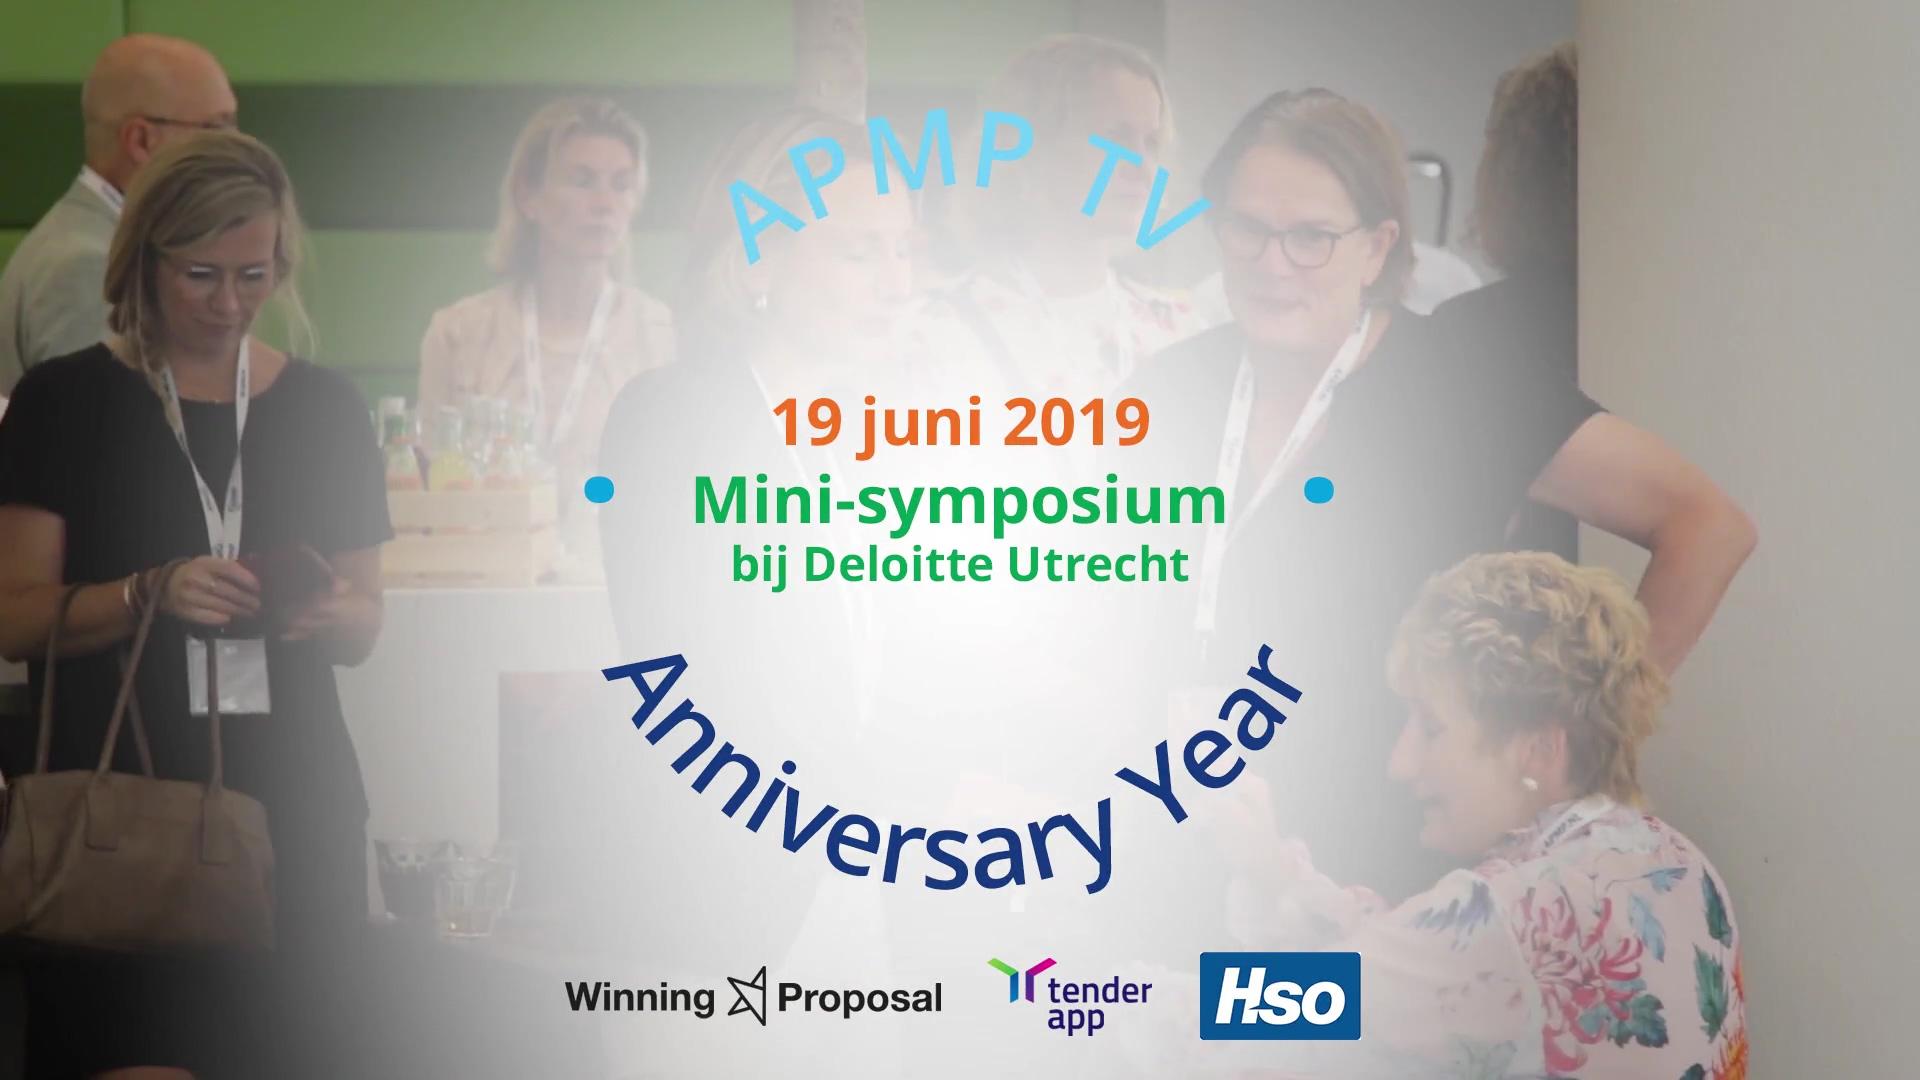 20190619 APMP mini-symposium aftermovie-thumb